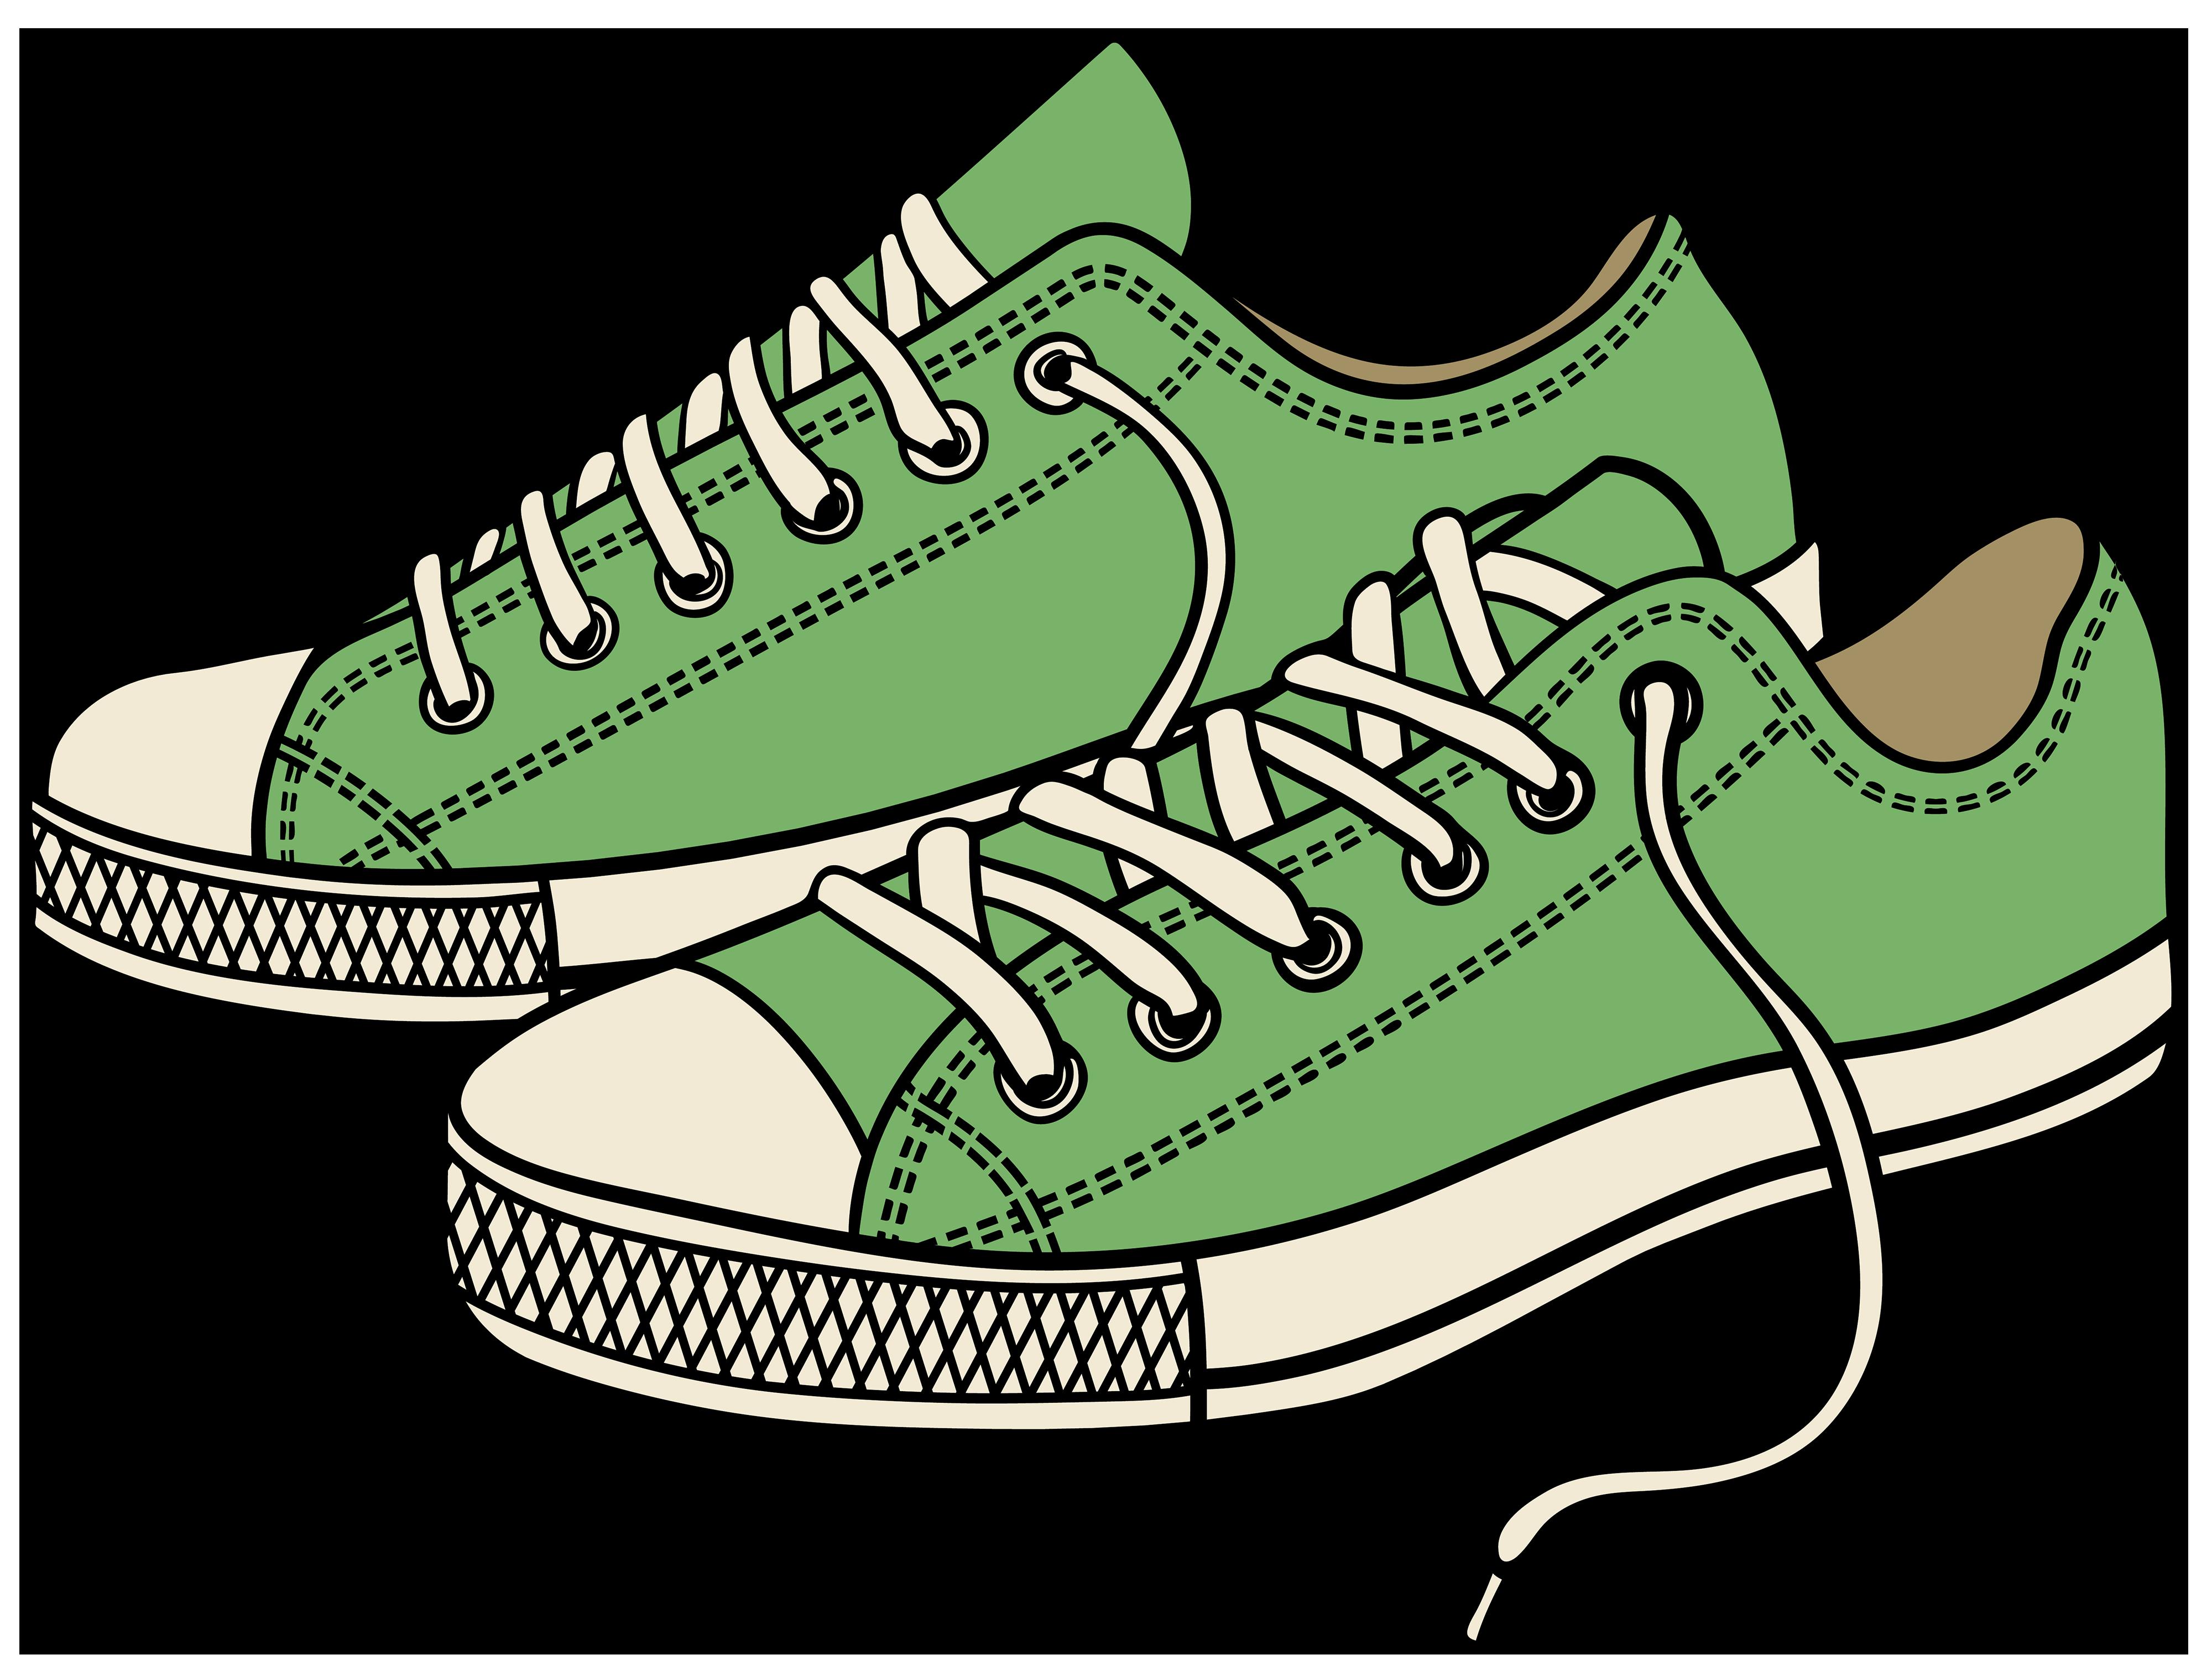 Sneakers Shoe Clip art.